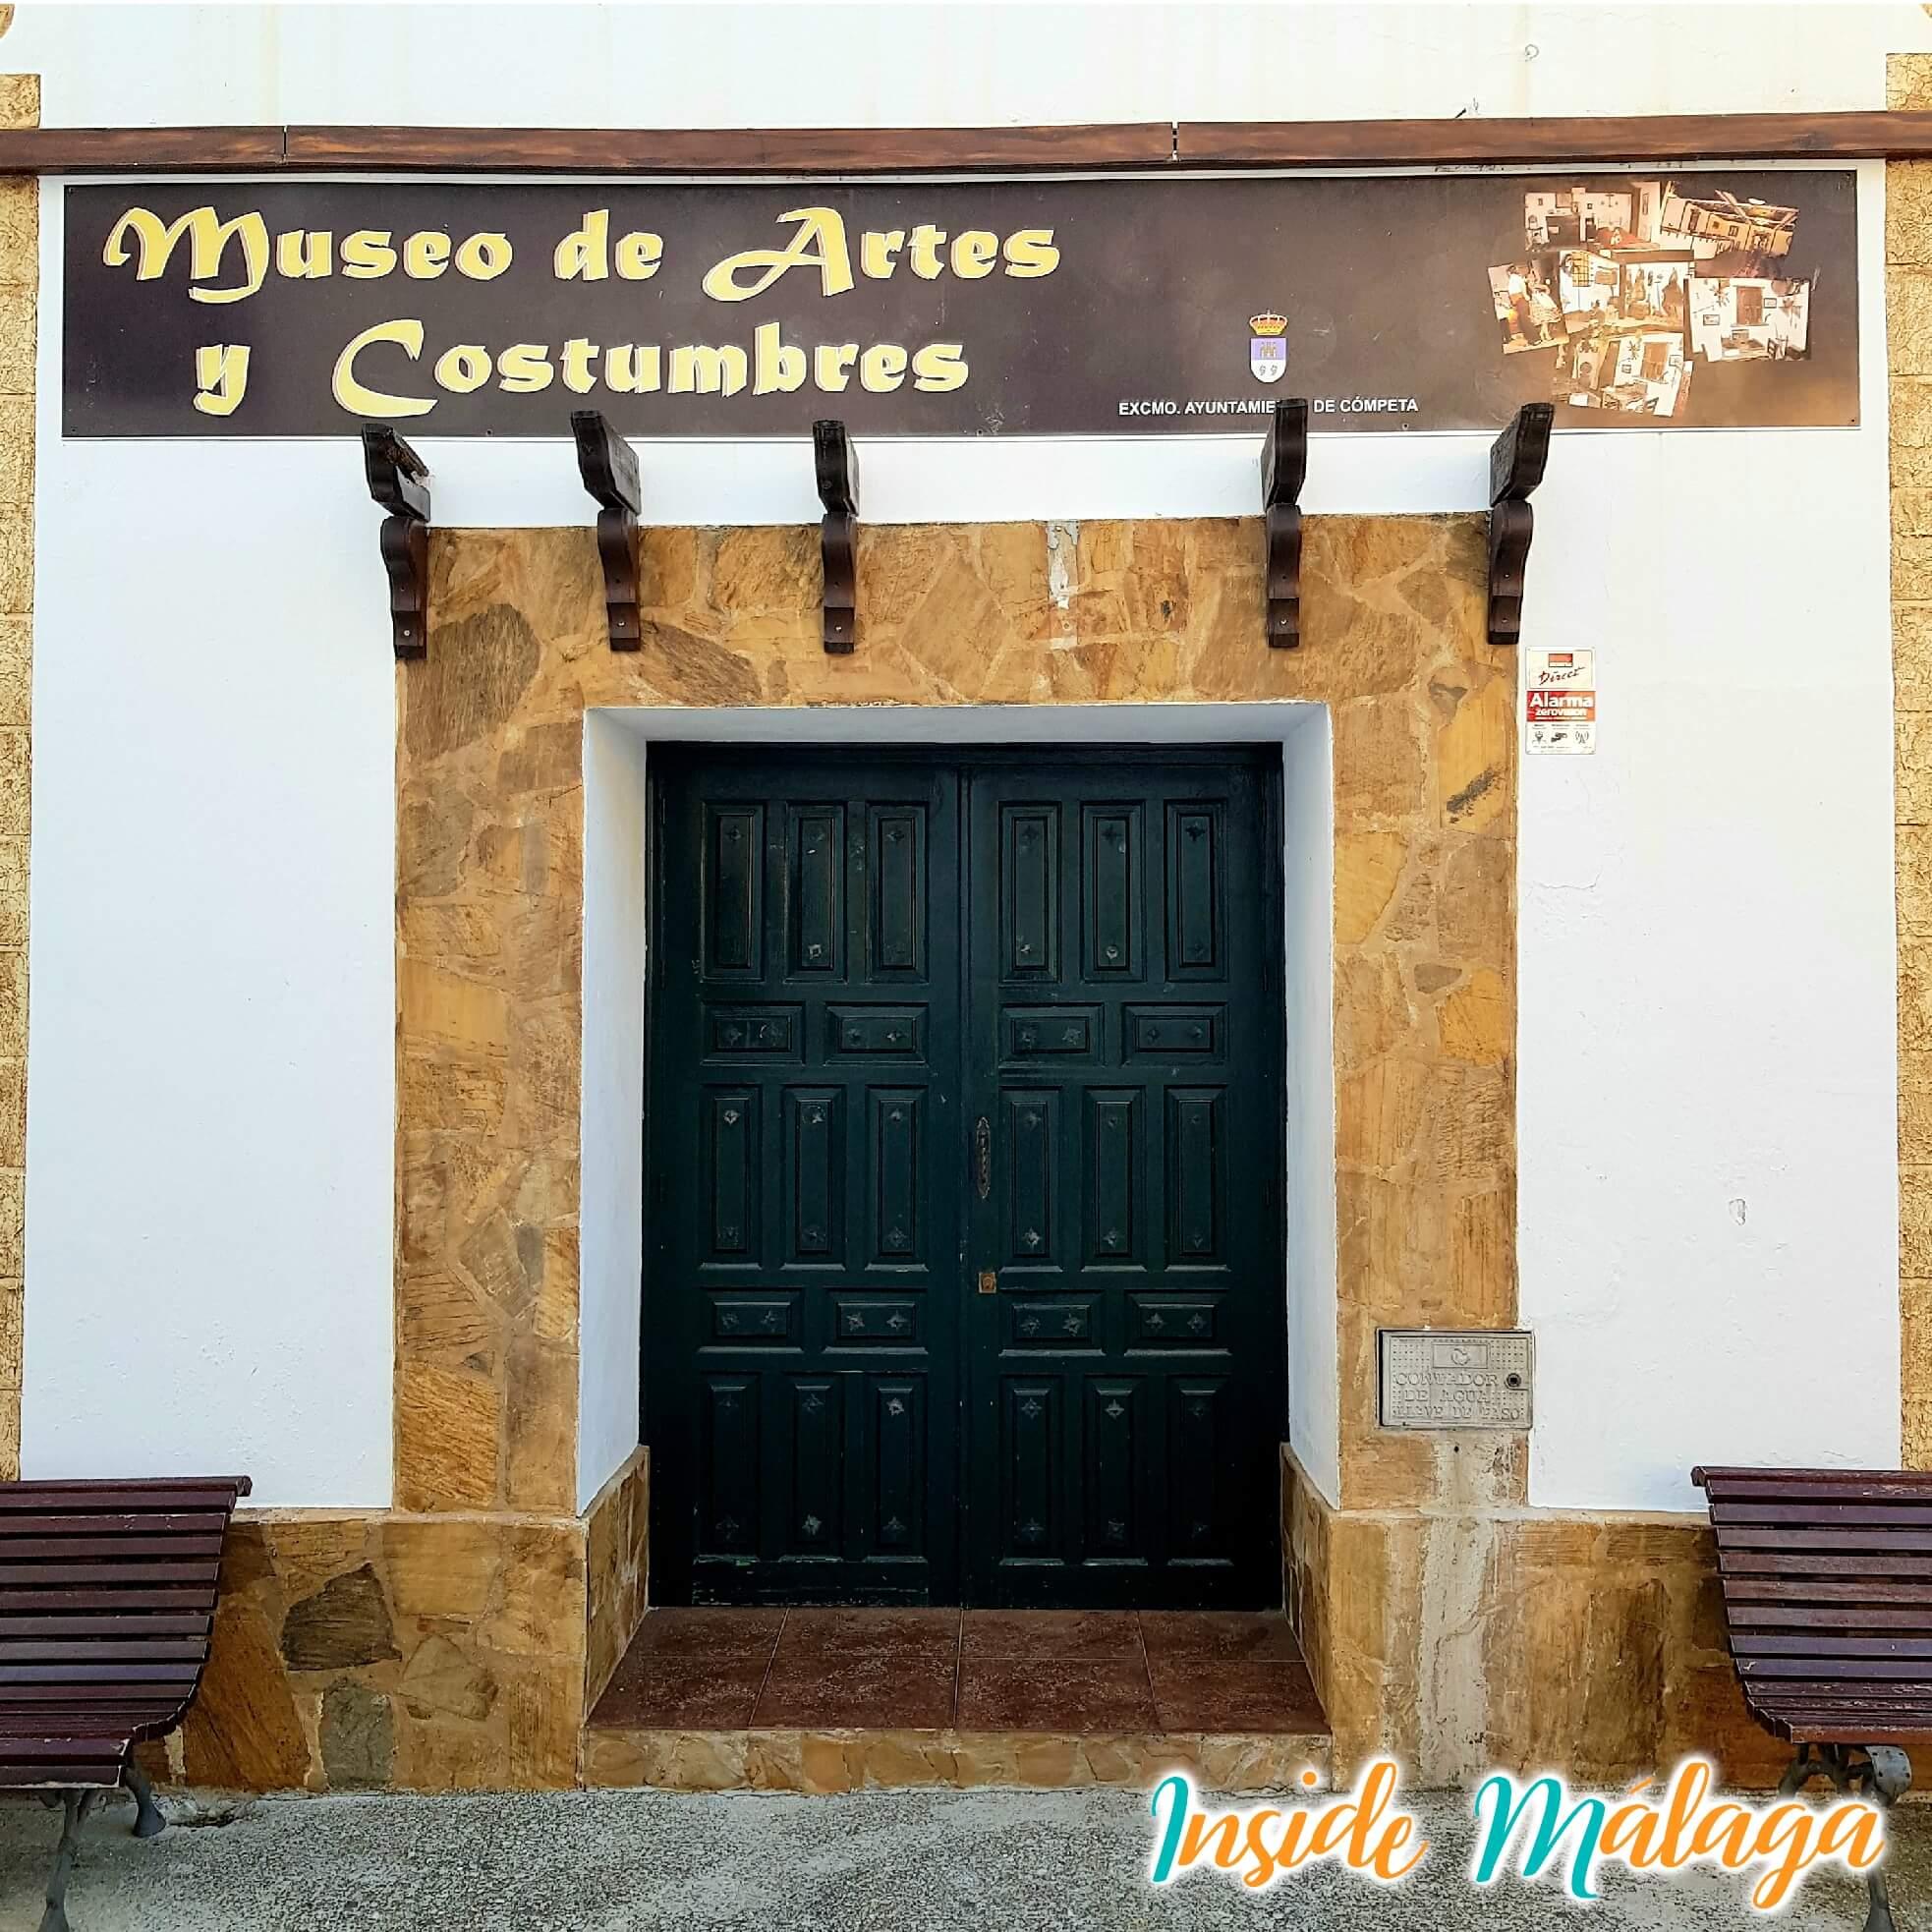 Museo de Artes y Costumbres Competa Malaga